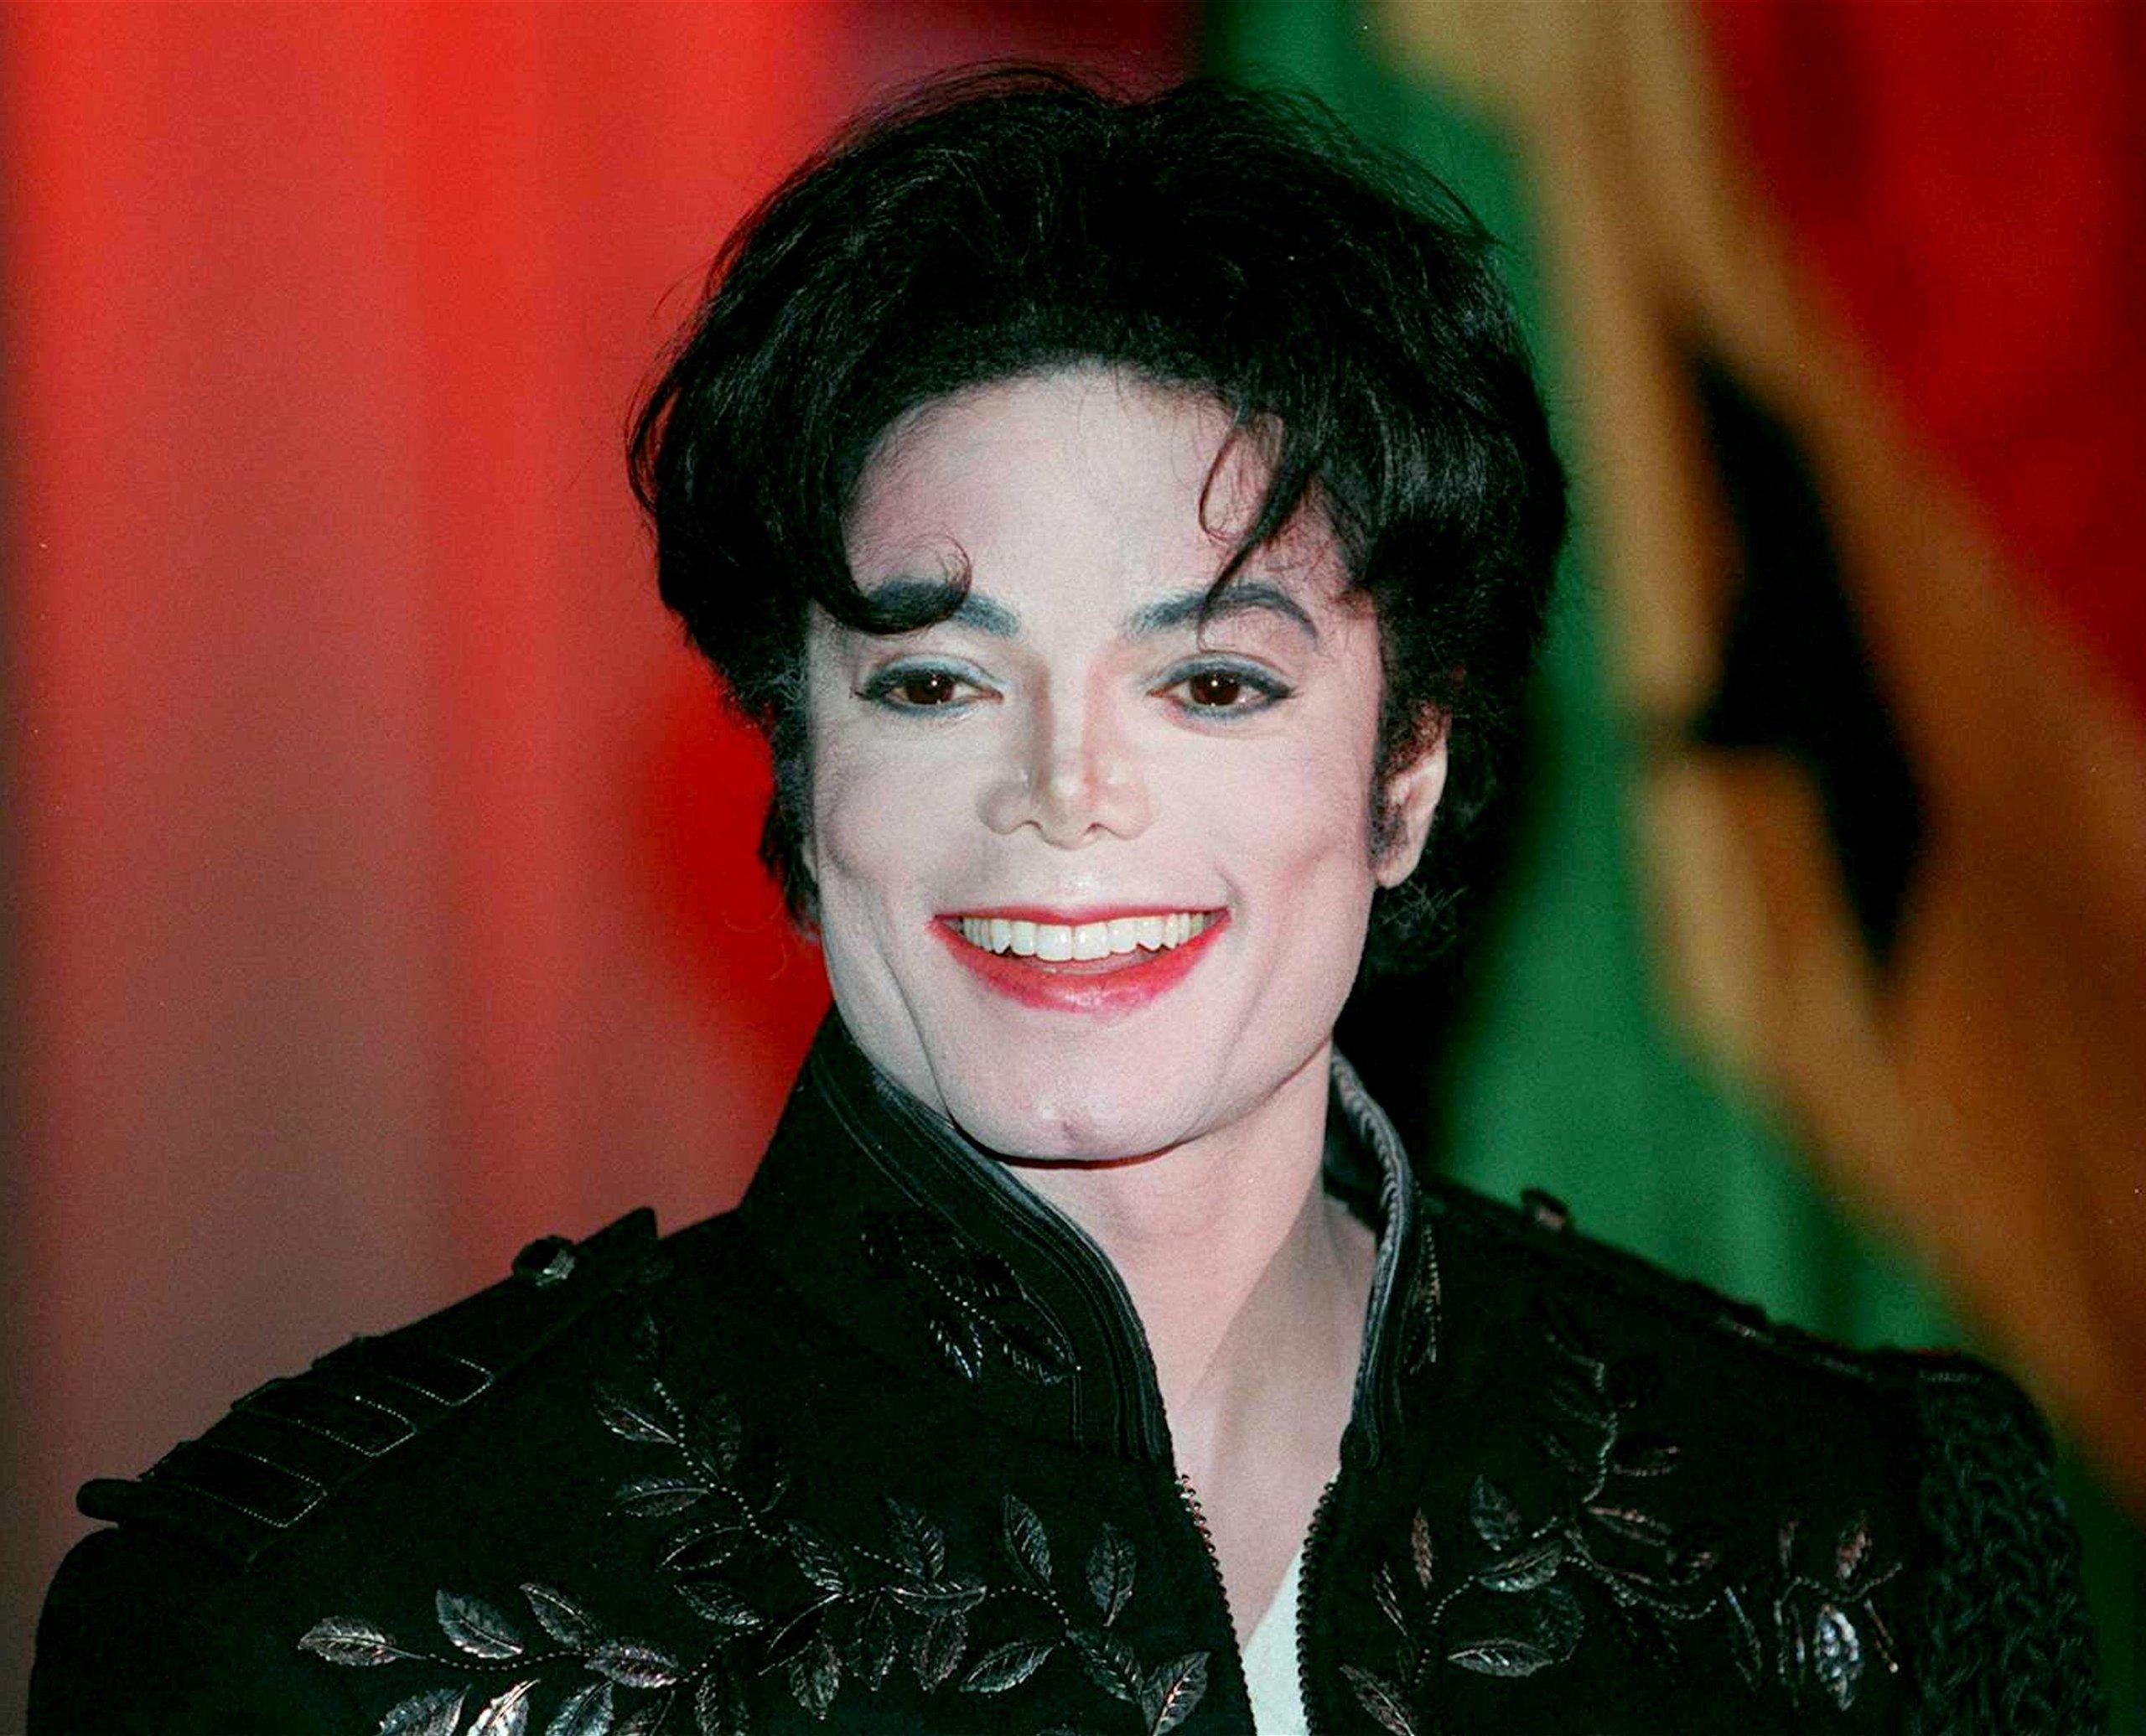 40 Magnificent Michael Jackson Pictures